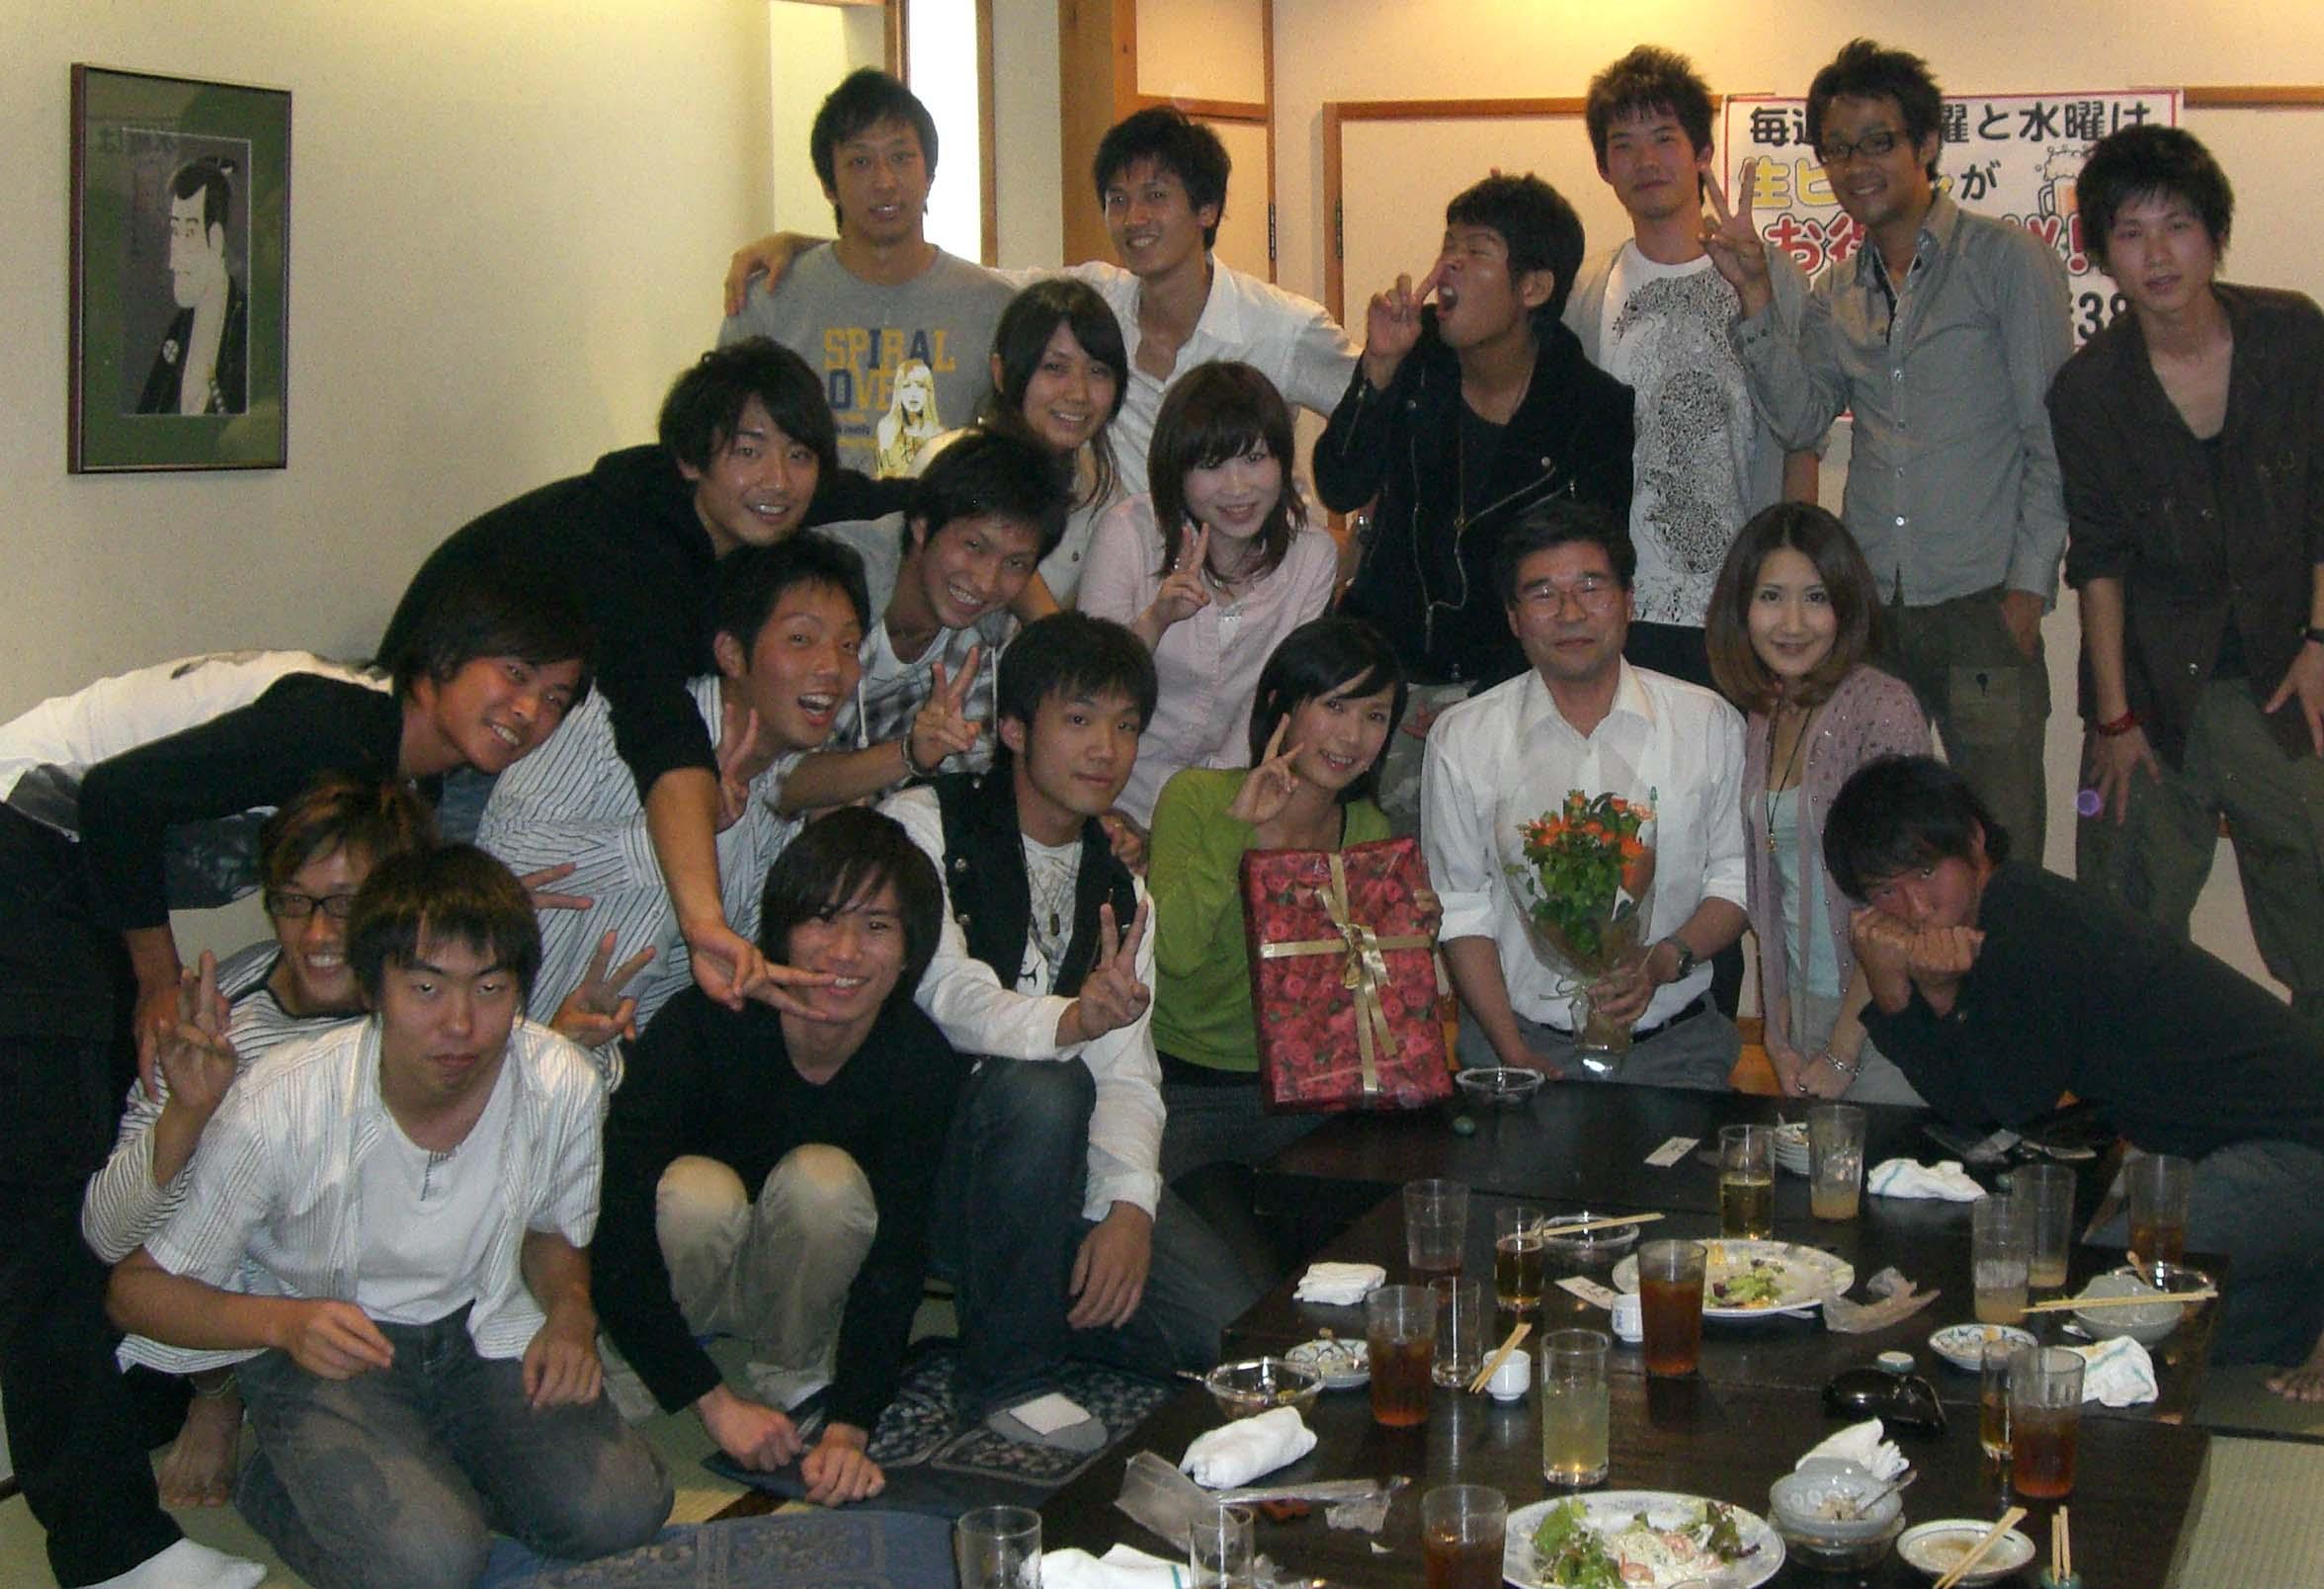 2007.10.10 写楽にて